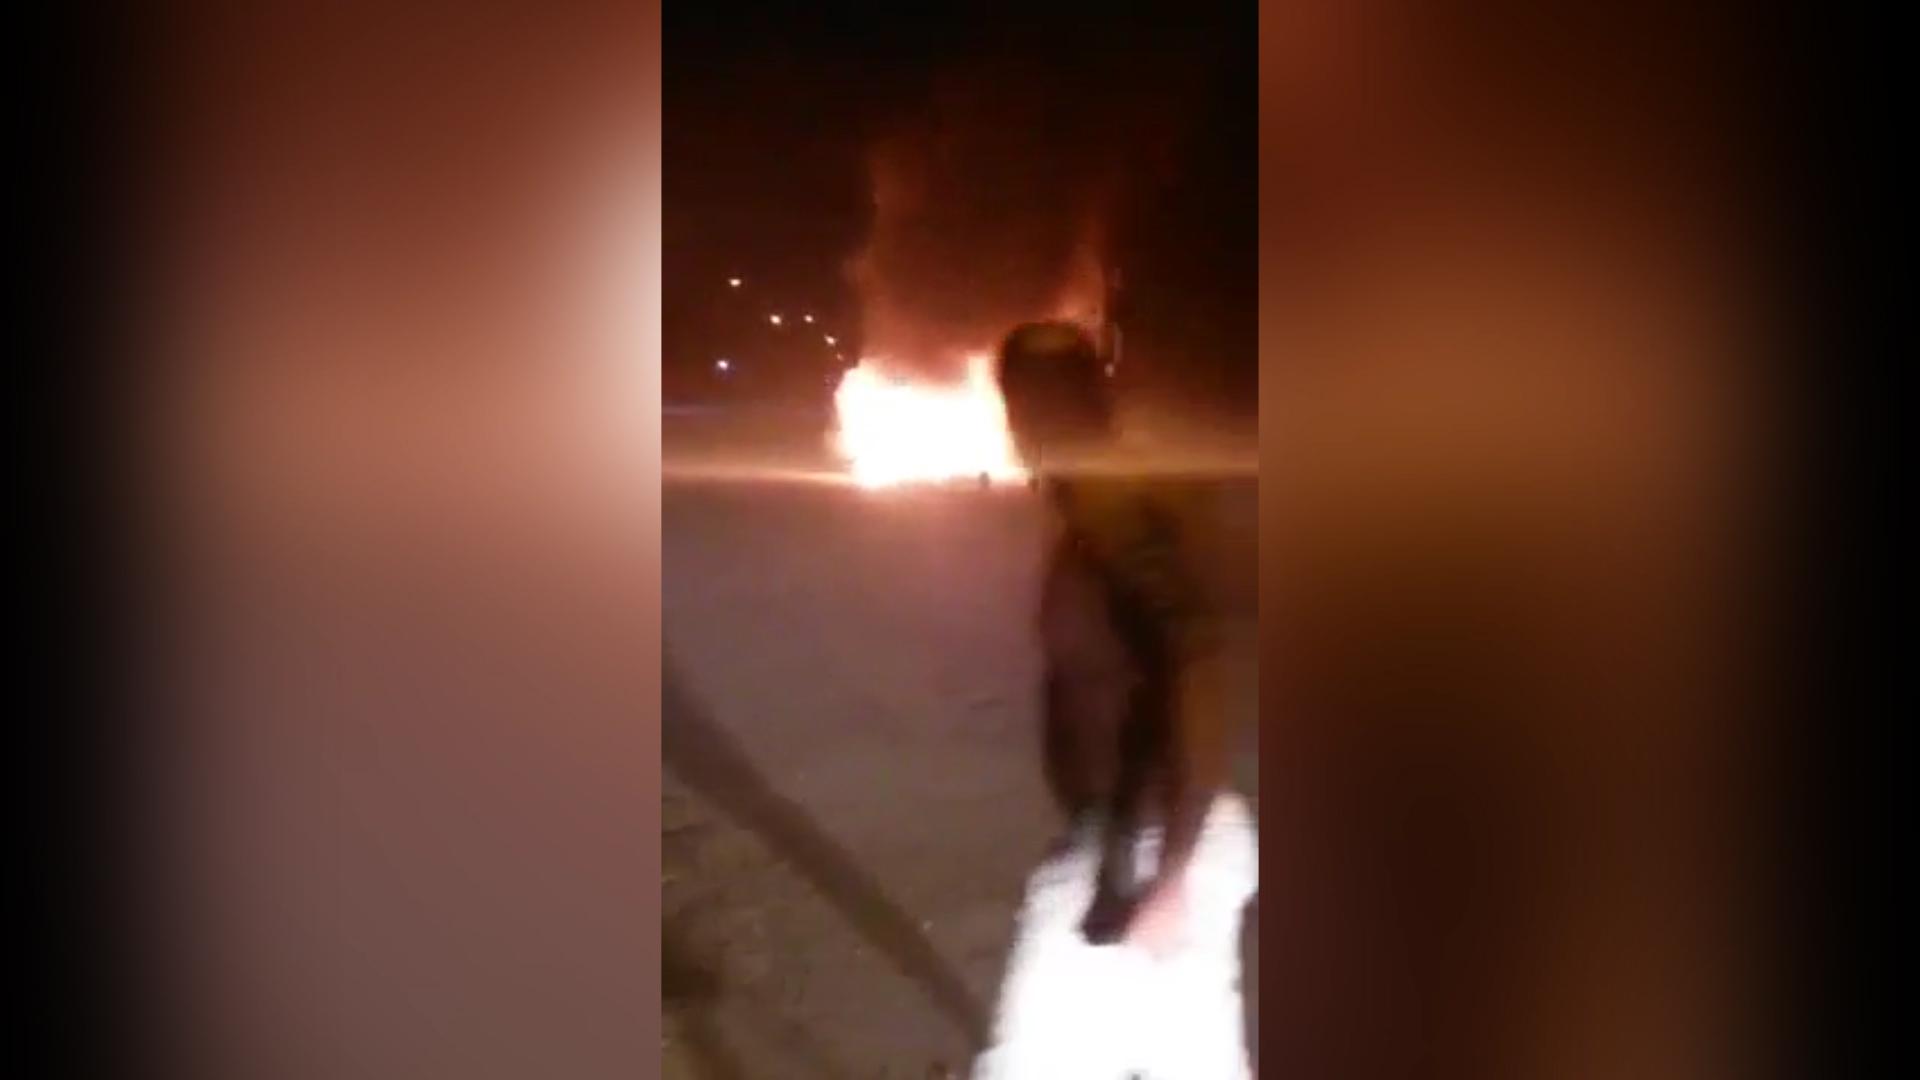 Veículo é incendiado na noite desta terça-feira em Laguna, no Sul de Santa Catarina